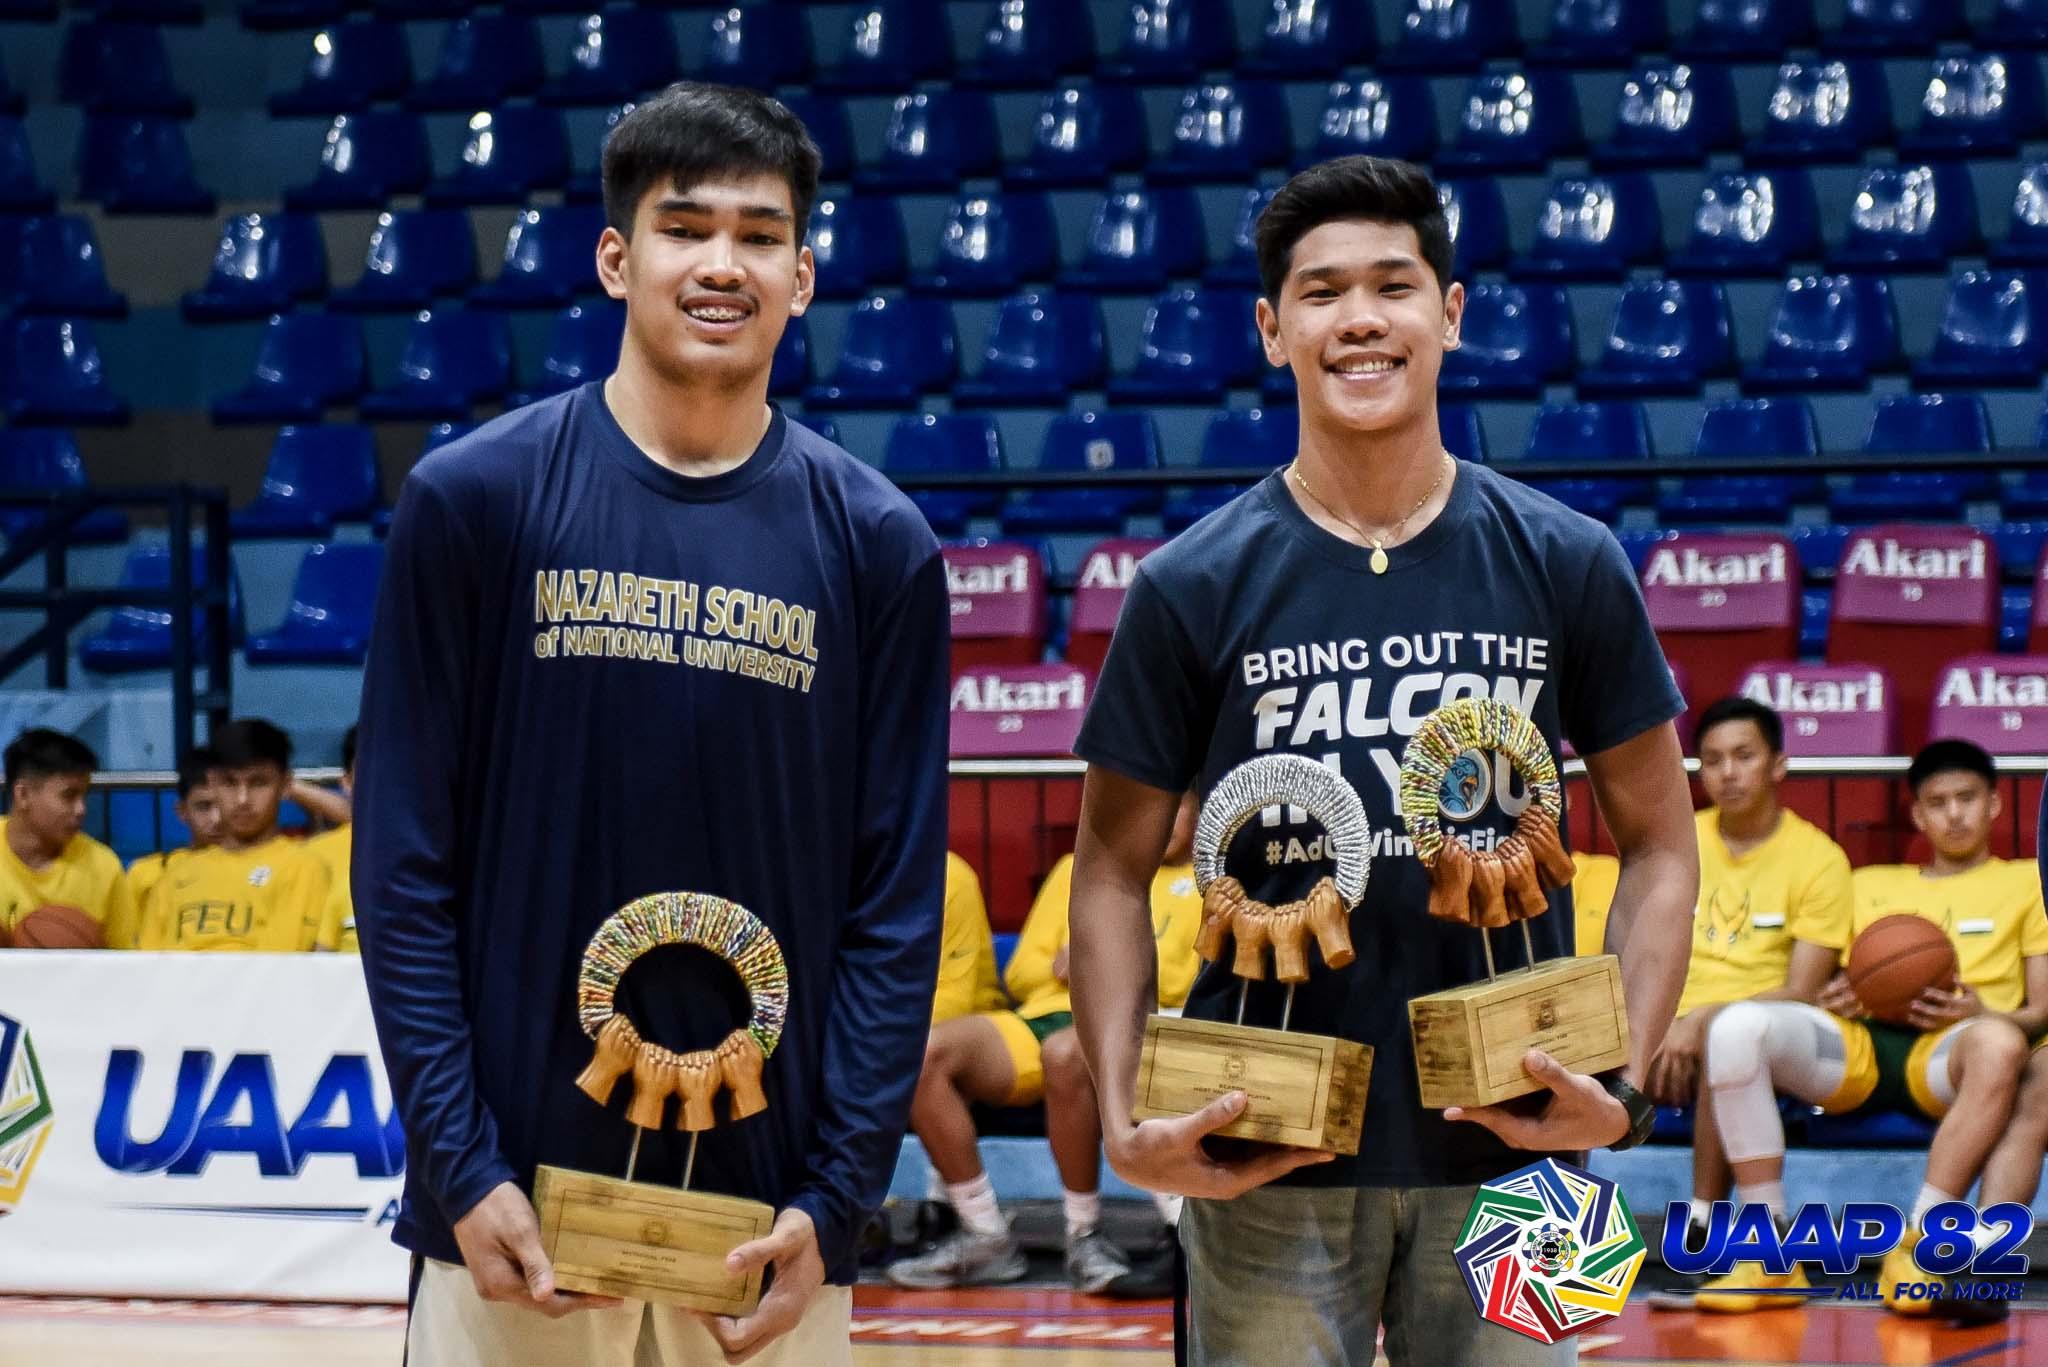 UAAP82-BOYS-BB-M5-5TH-PHOTO-MYTHICAL-TEAM Jake Figueroa hailed as prince of UAAP basketball ADMU AdU Basketball News NU UAAP UP  - philippine sports news